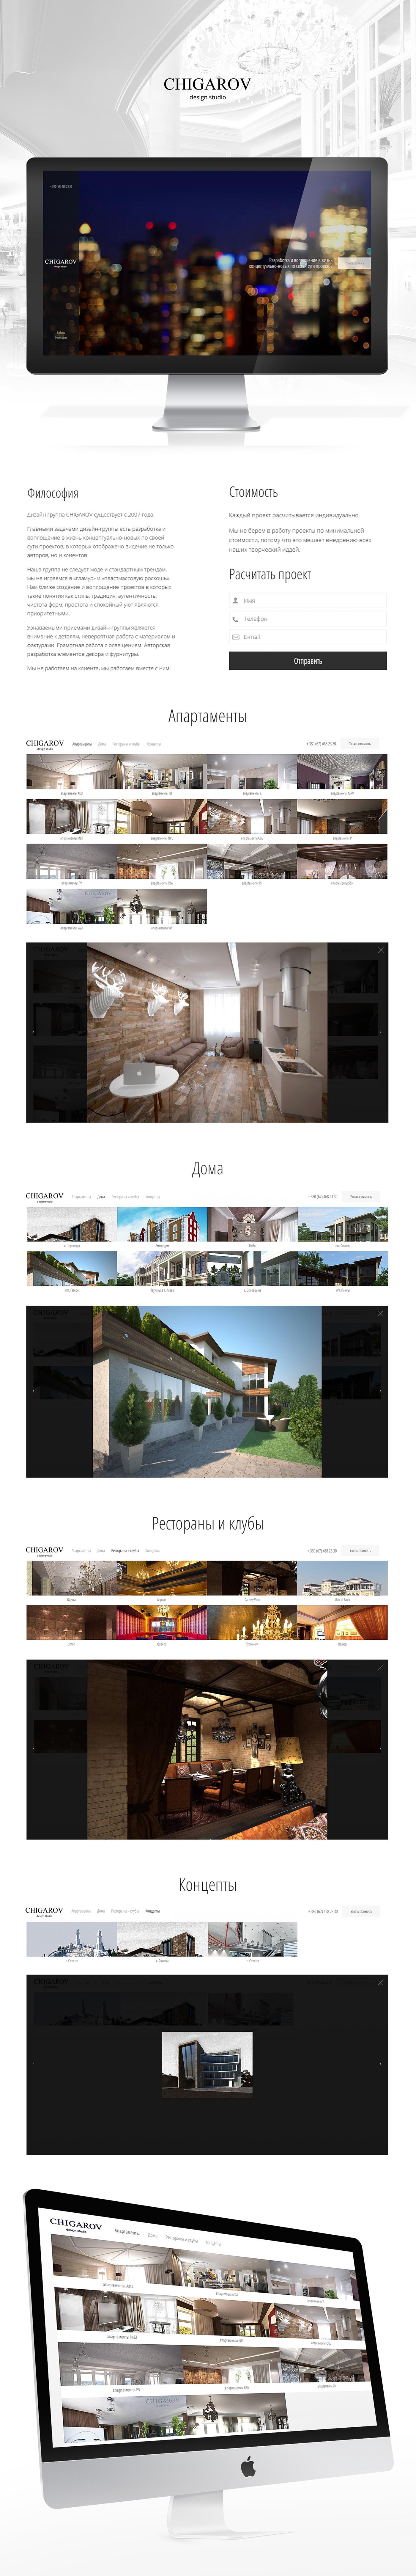 chigarov interior design  Website Web Design  website presentation